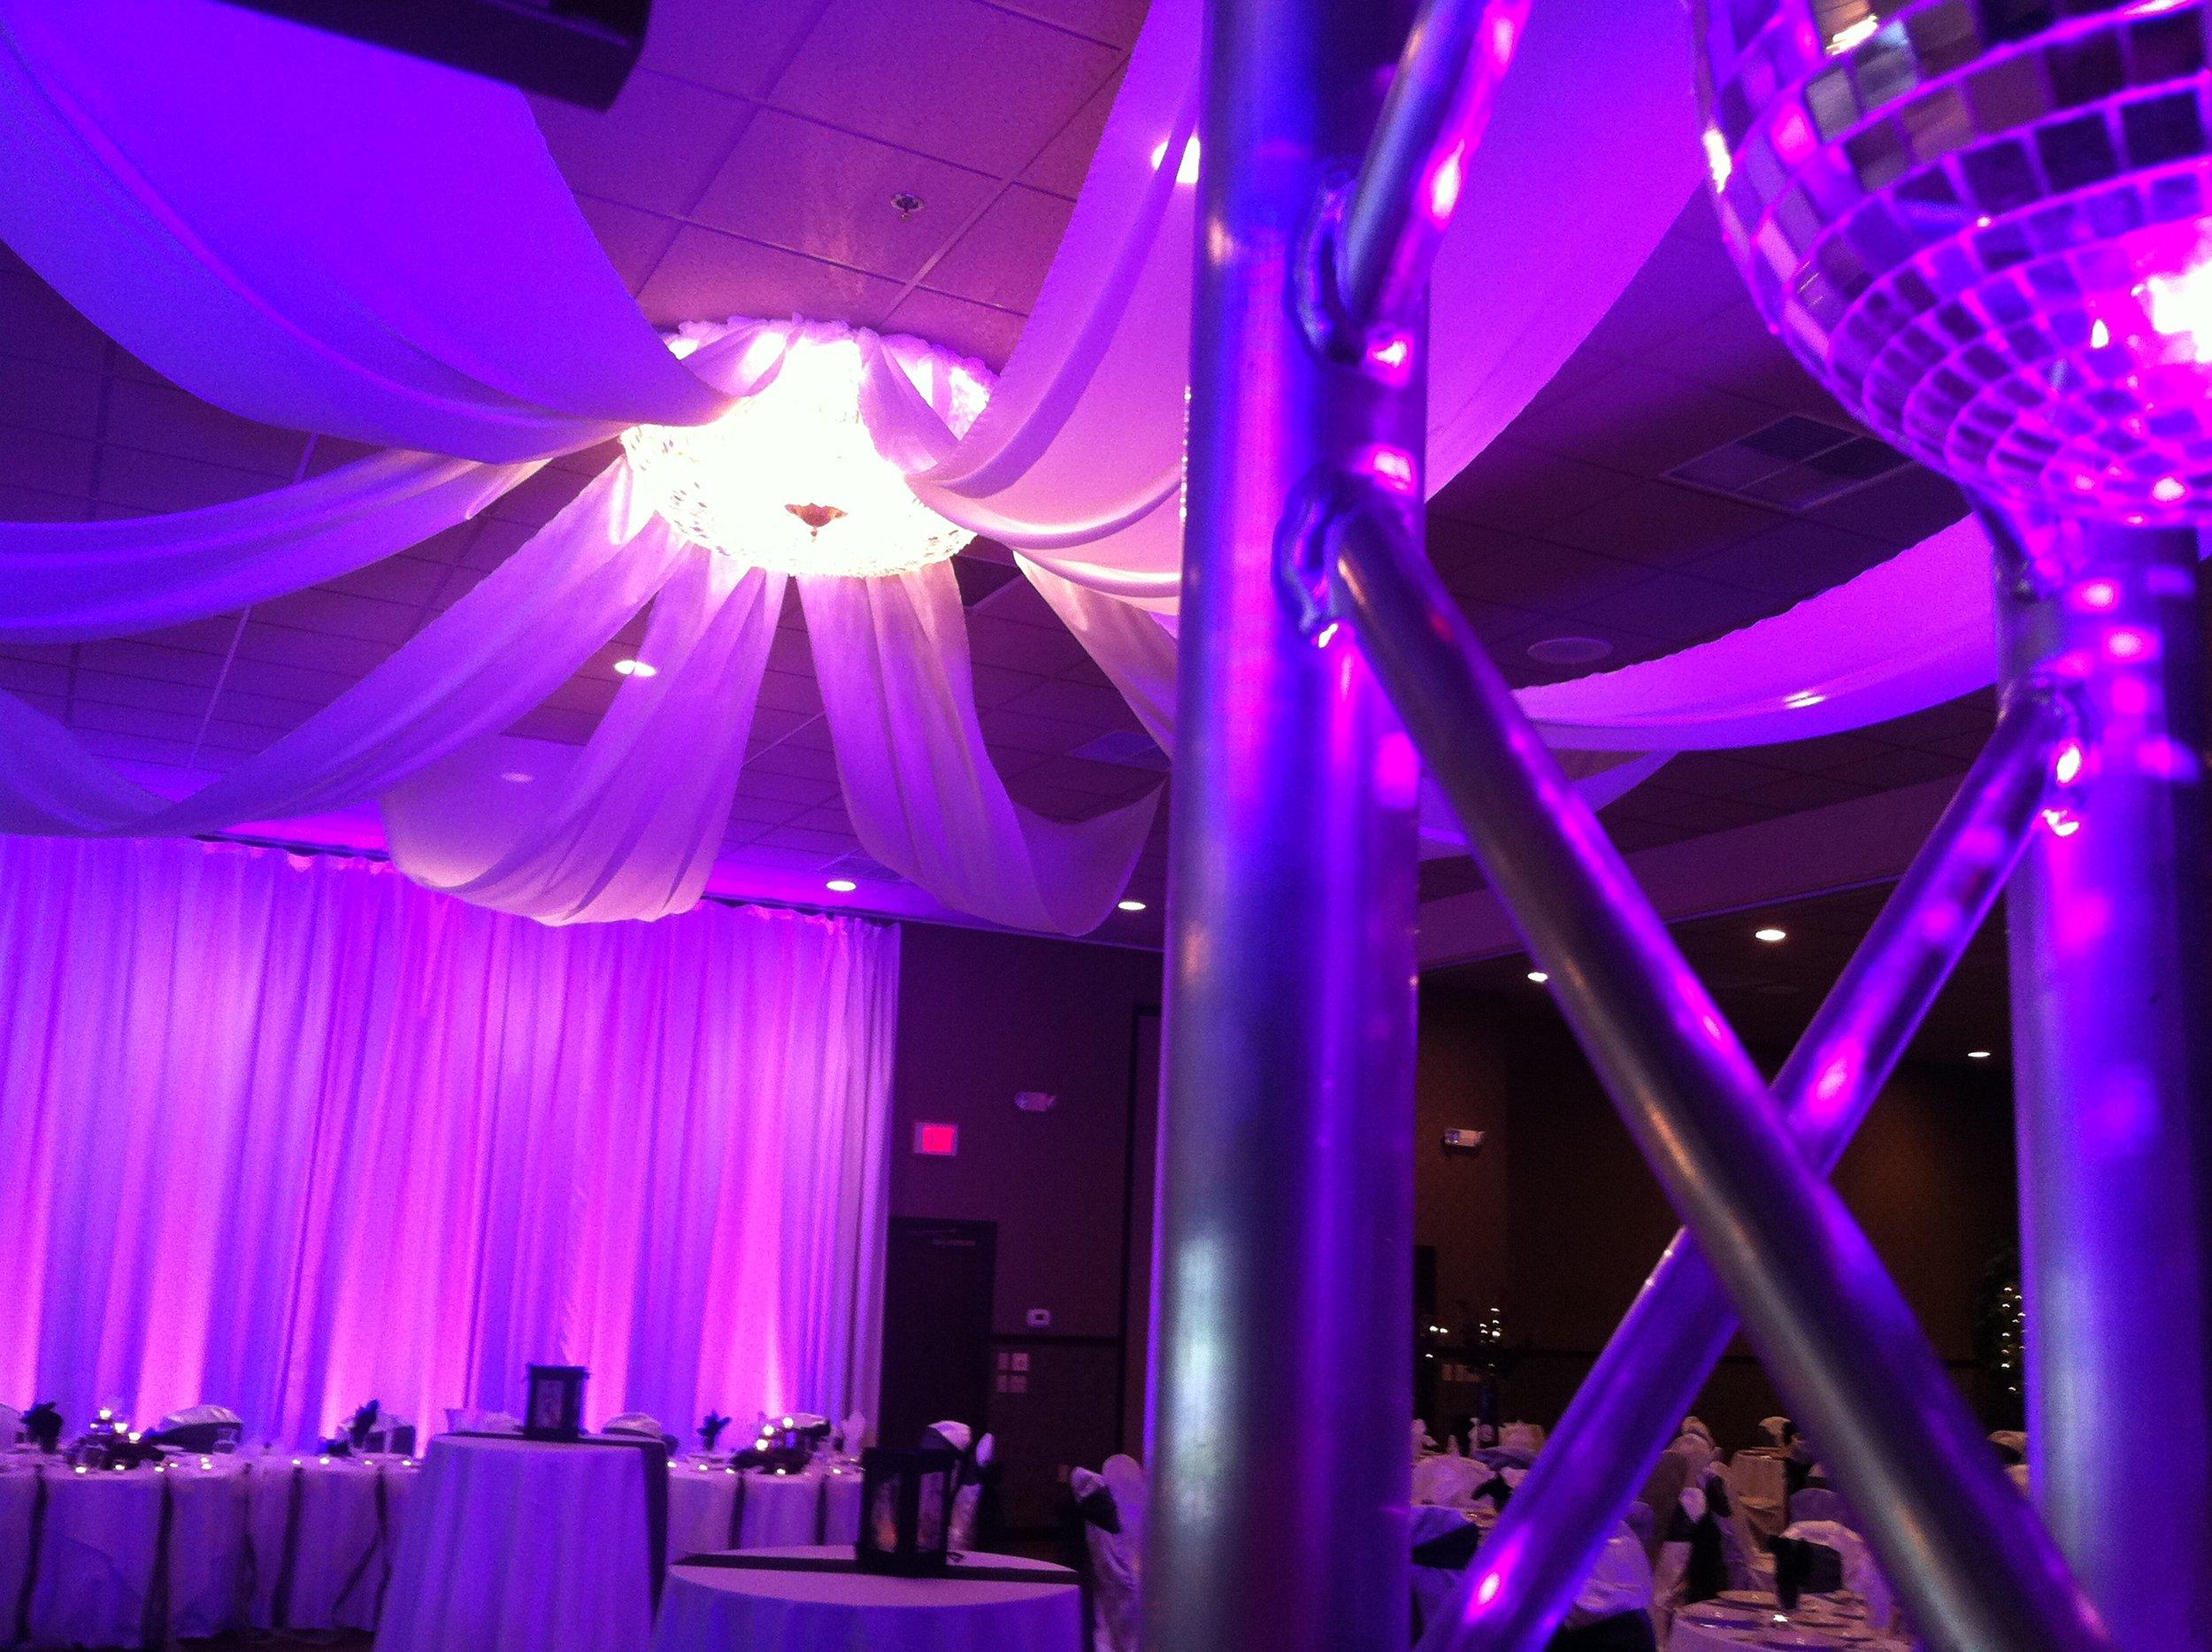 Mishawaka purple uplighting drapery